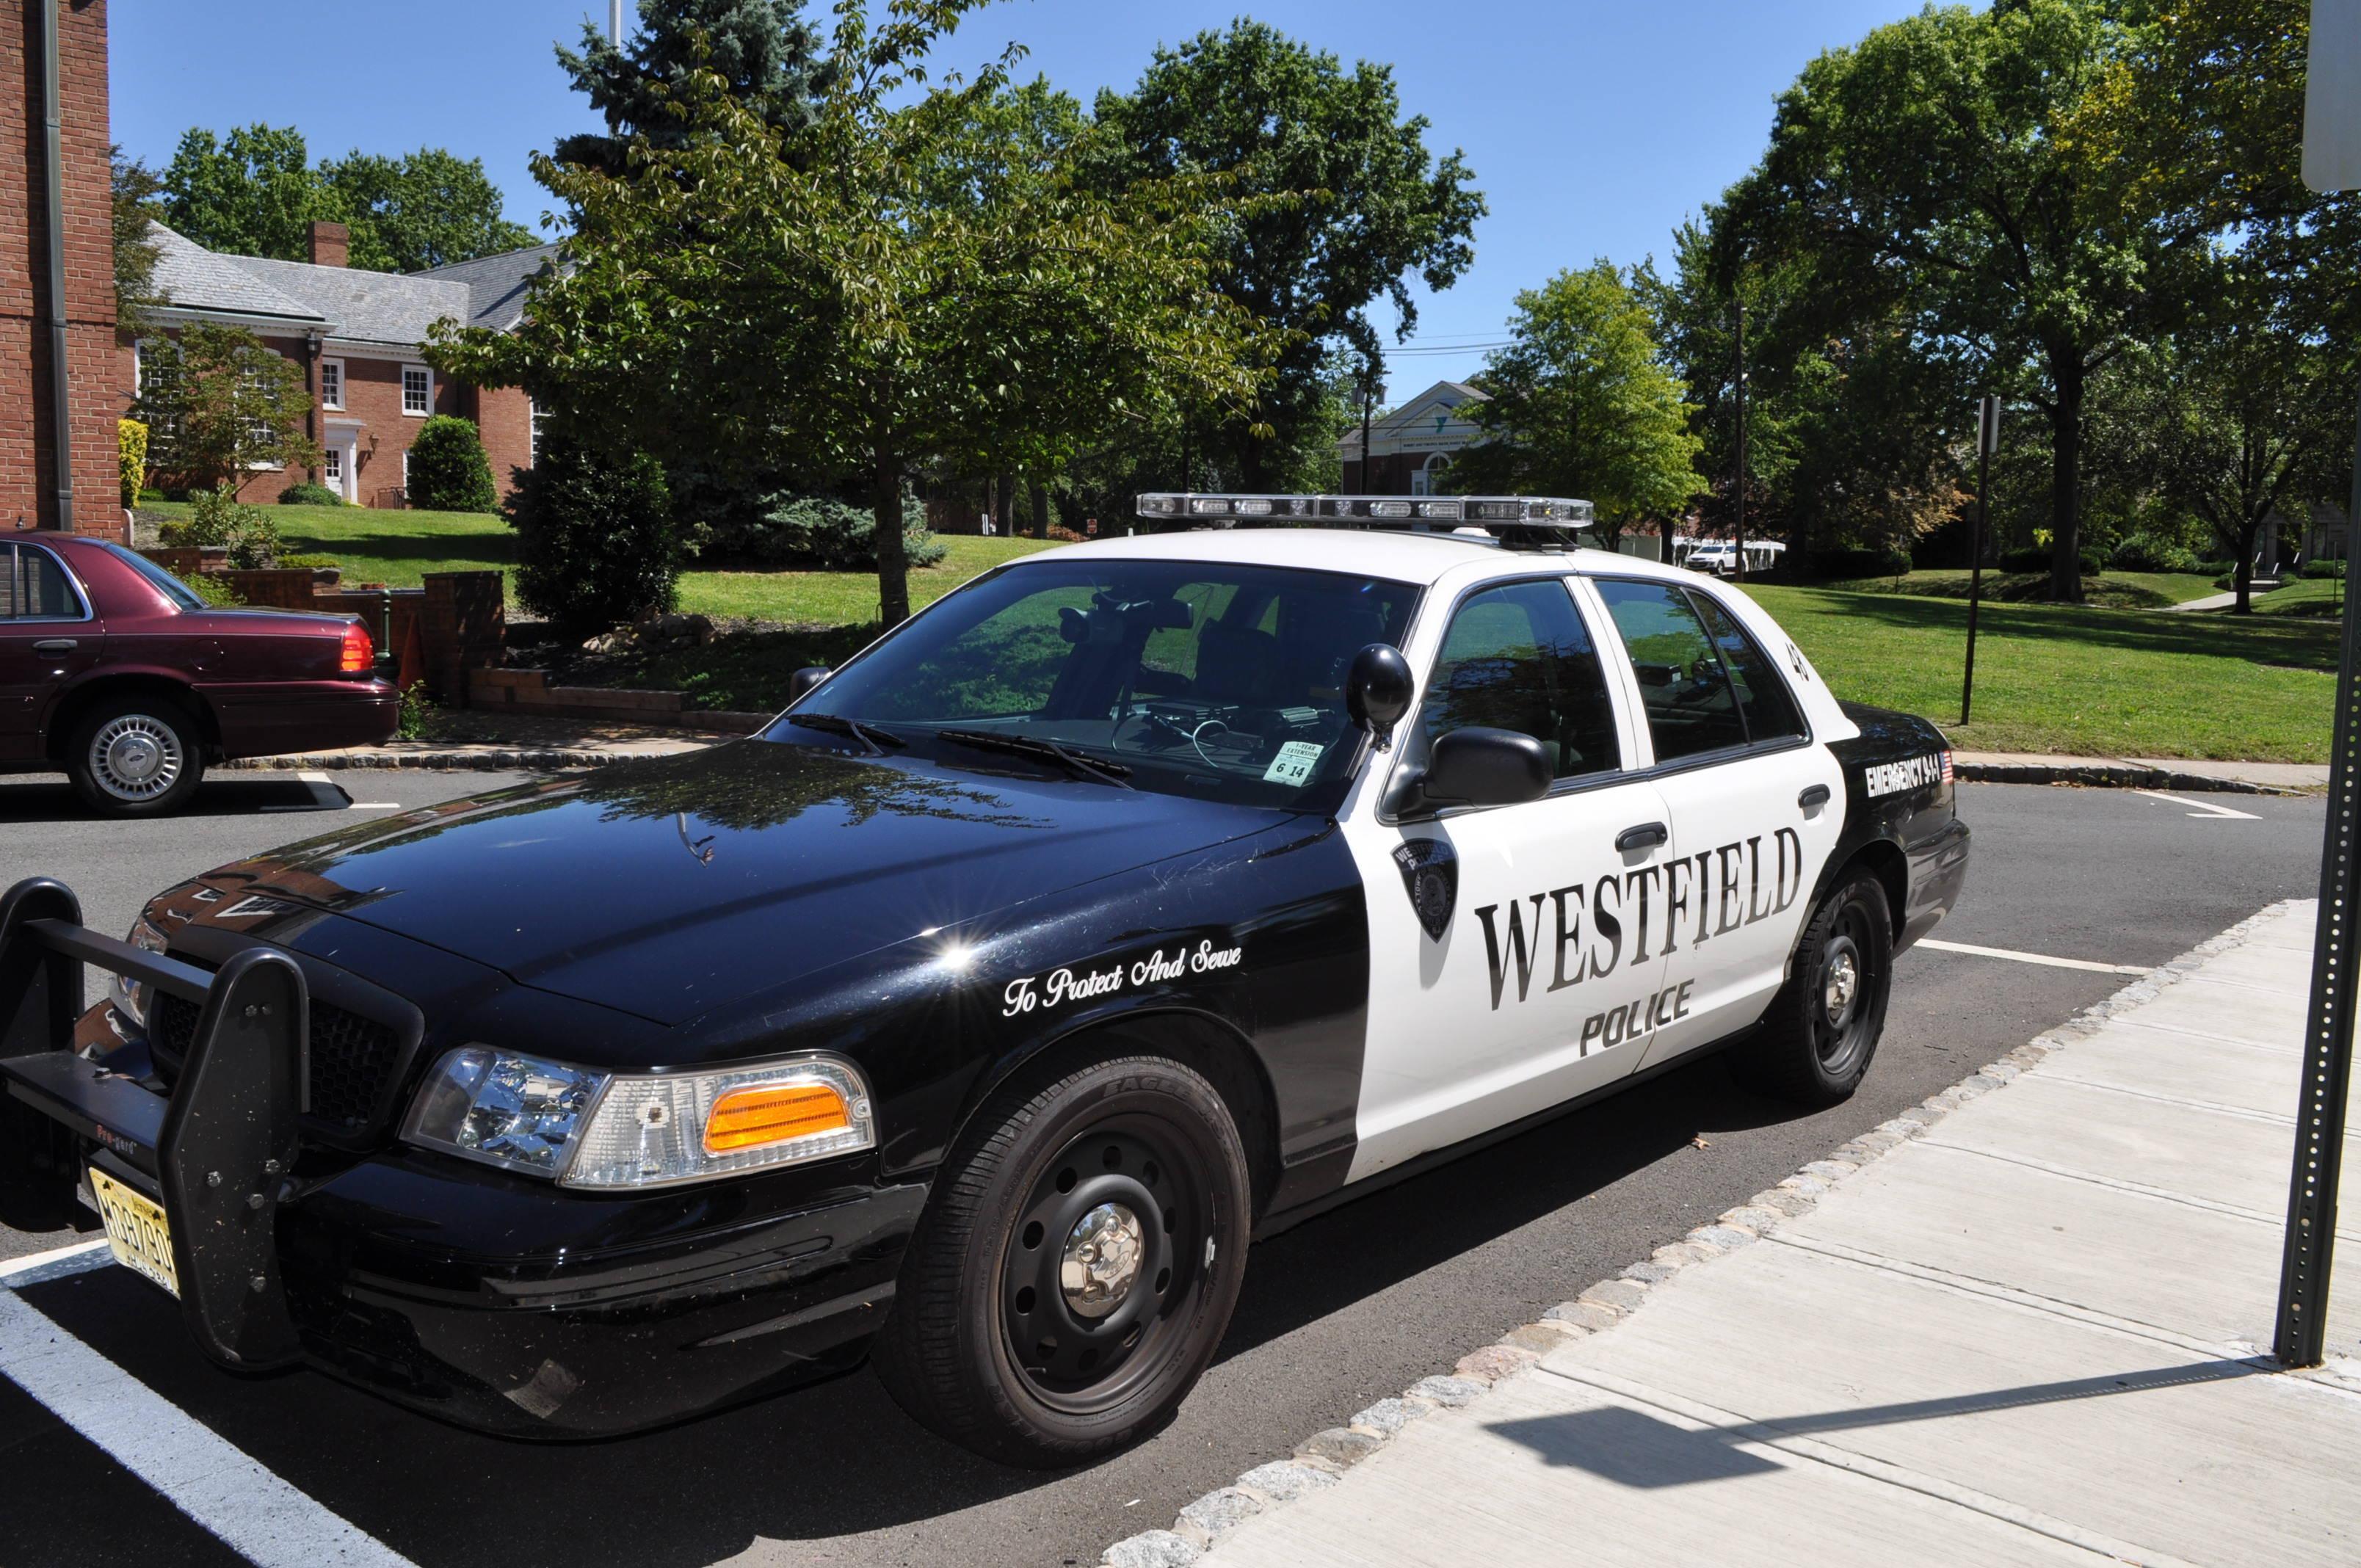 1fe3cba425fafae1ef7c_a975af118cbf65f24147_police_car.JPG